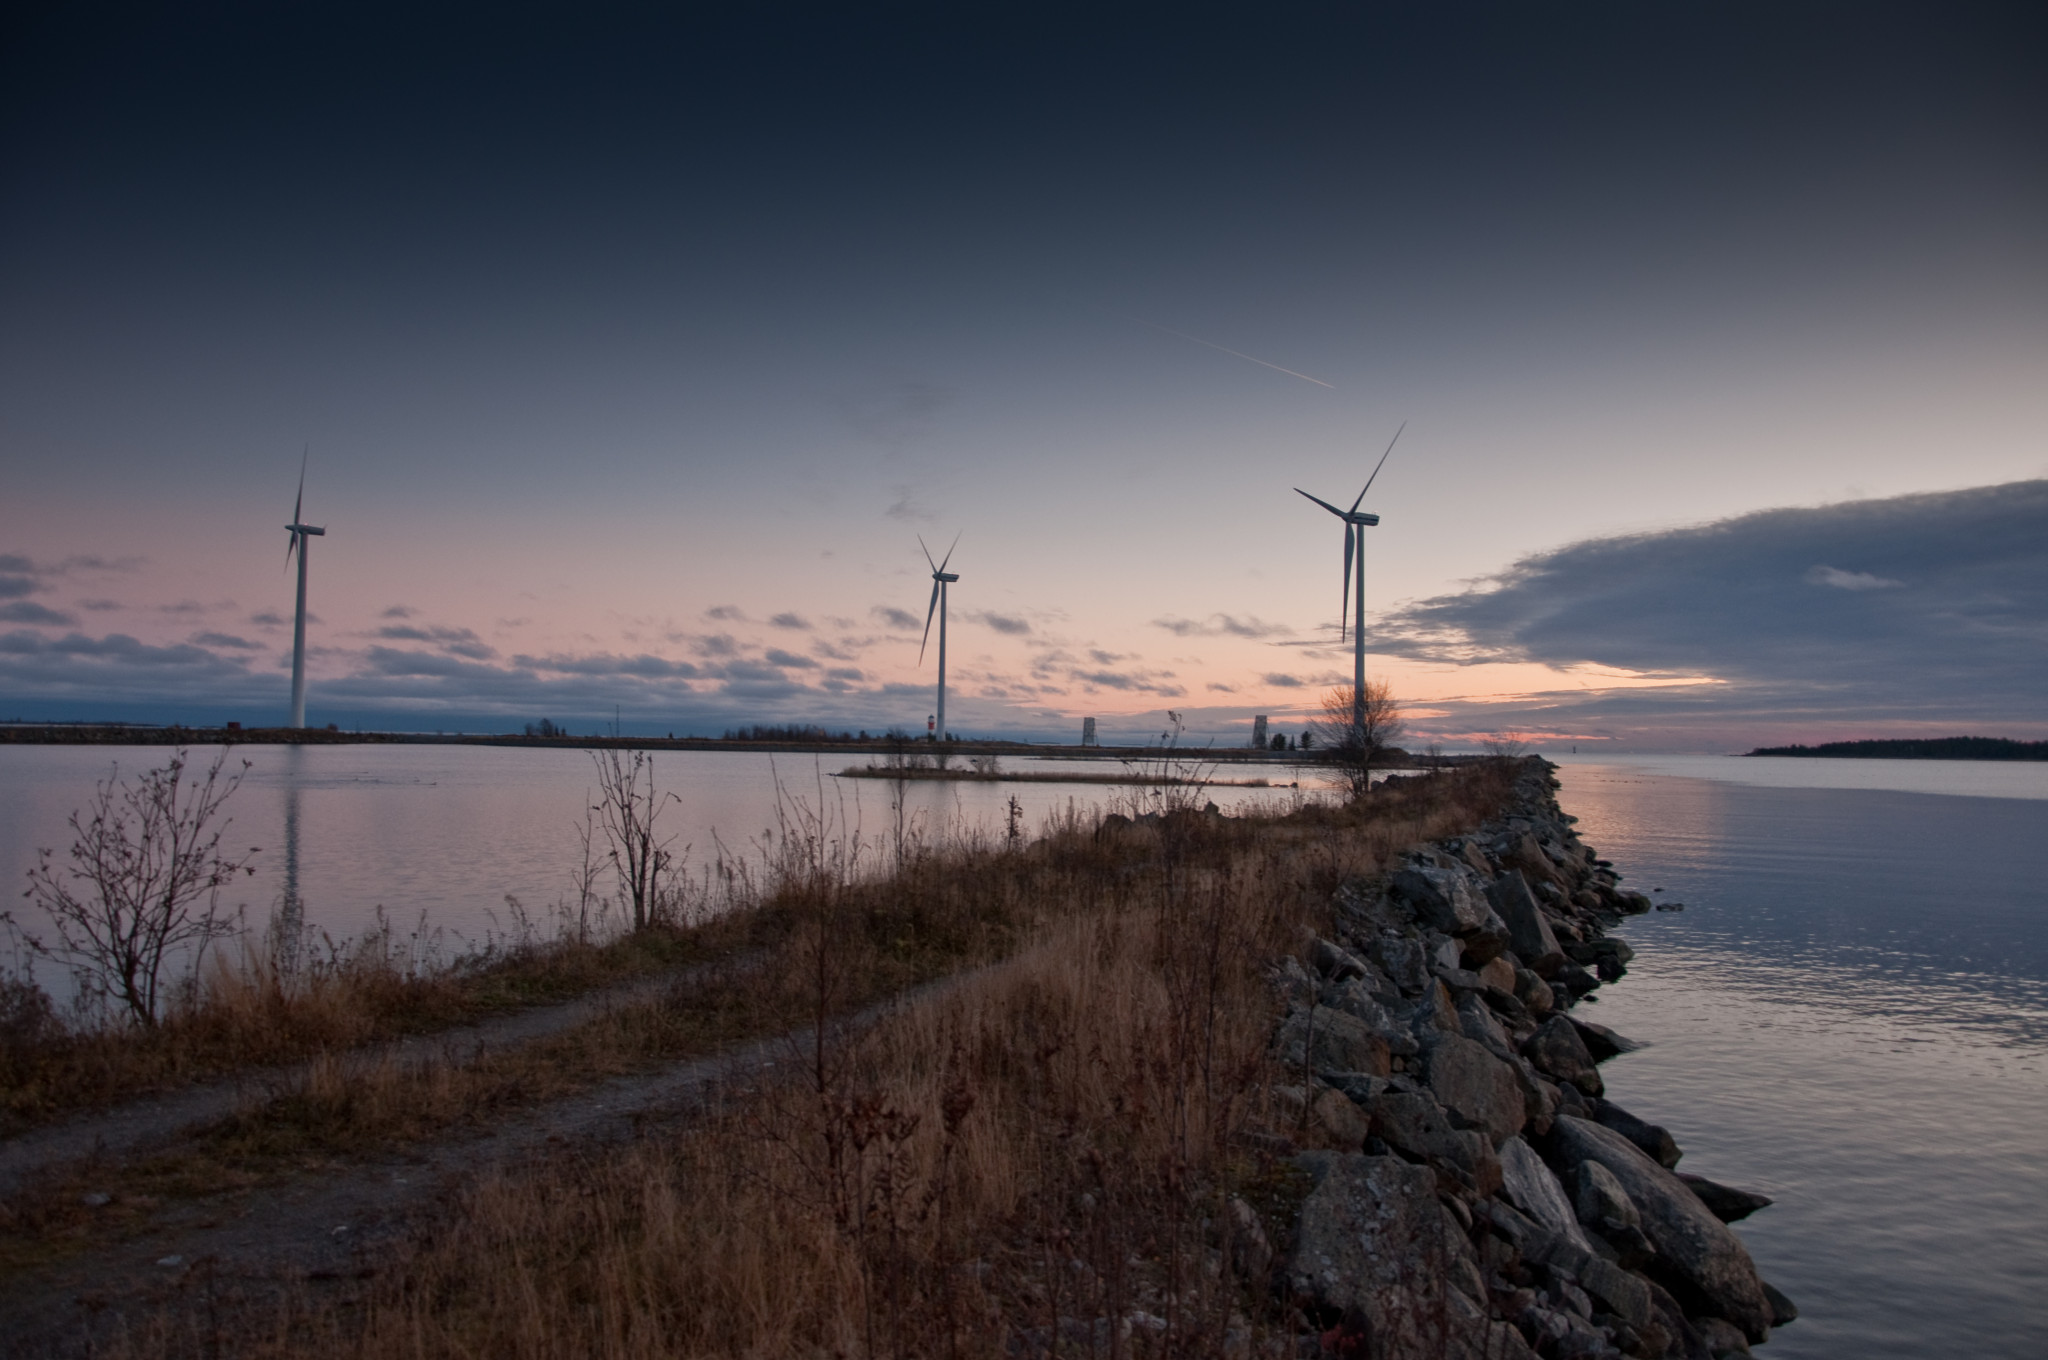 Vindkraftverk ute tillhavs i solnedgång